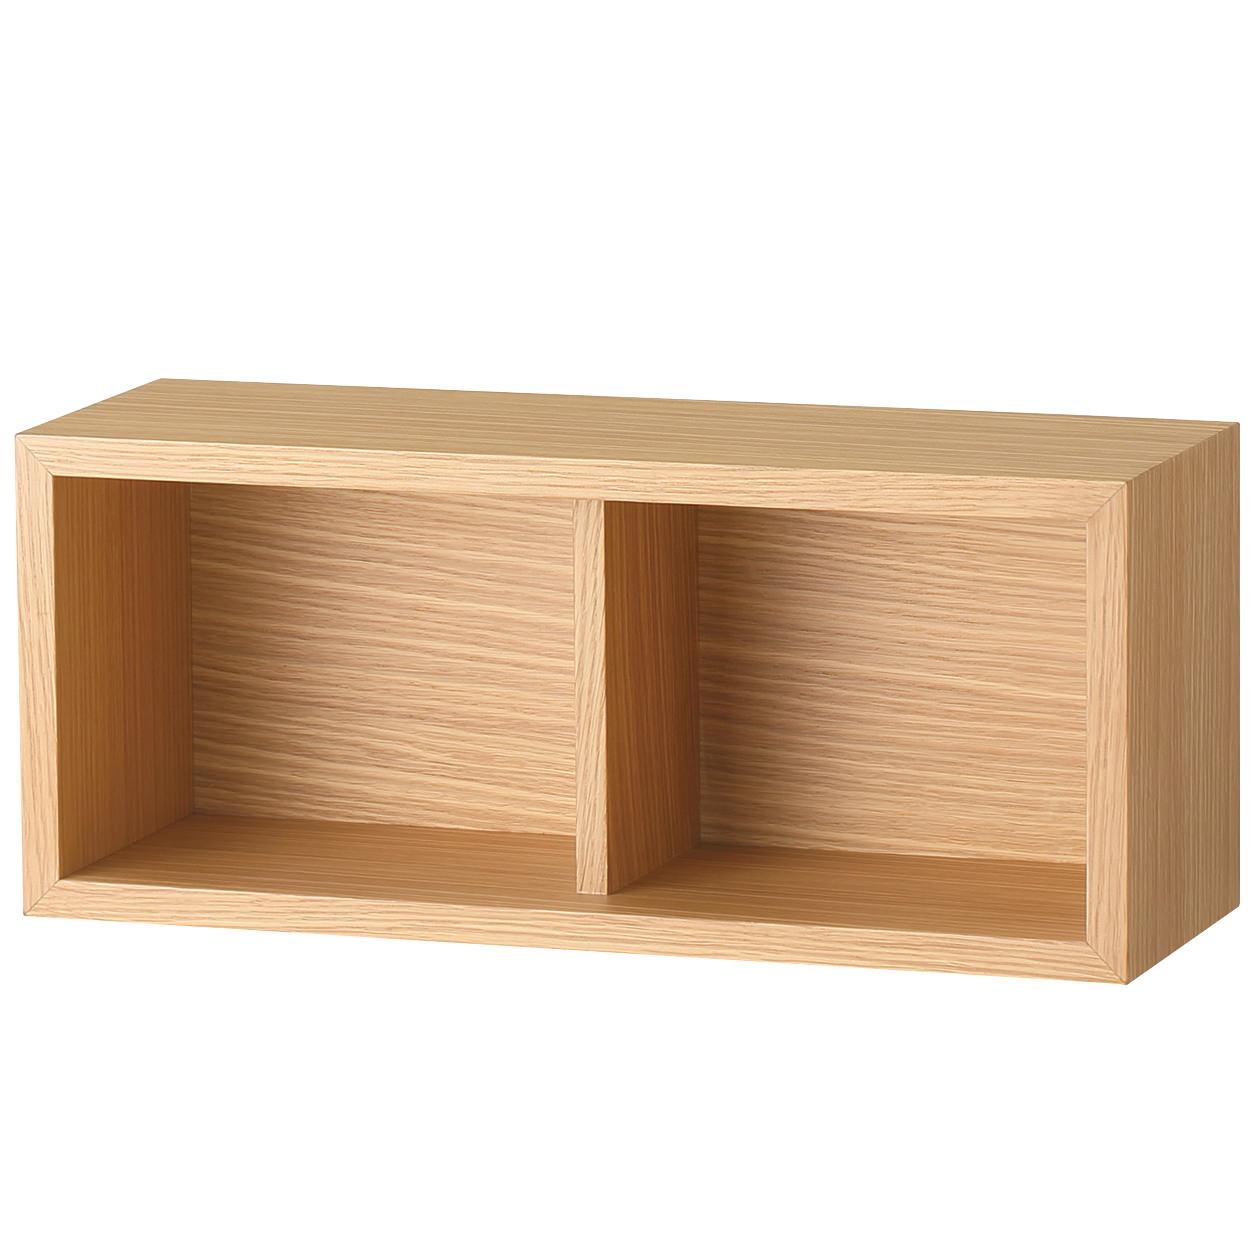 壁に付けられる家具・箱・幅44cm・オーク材 幅44×奥行15.5×高さ19cm